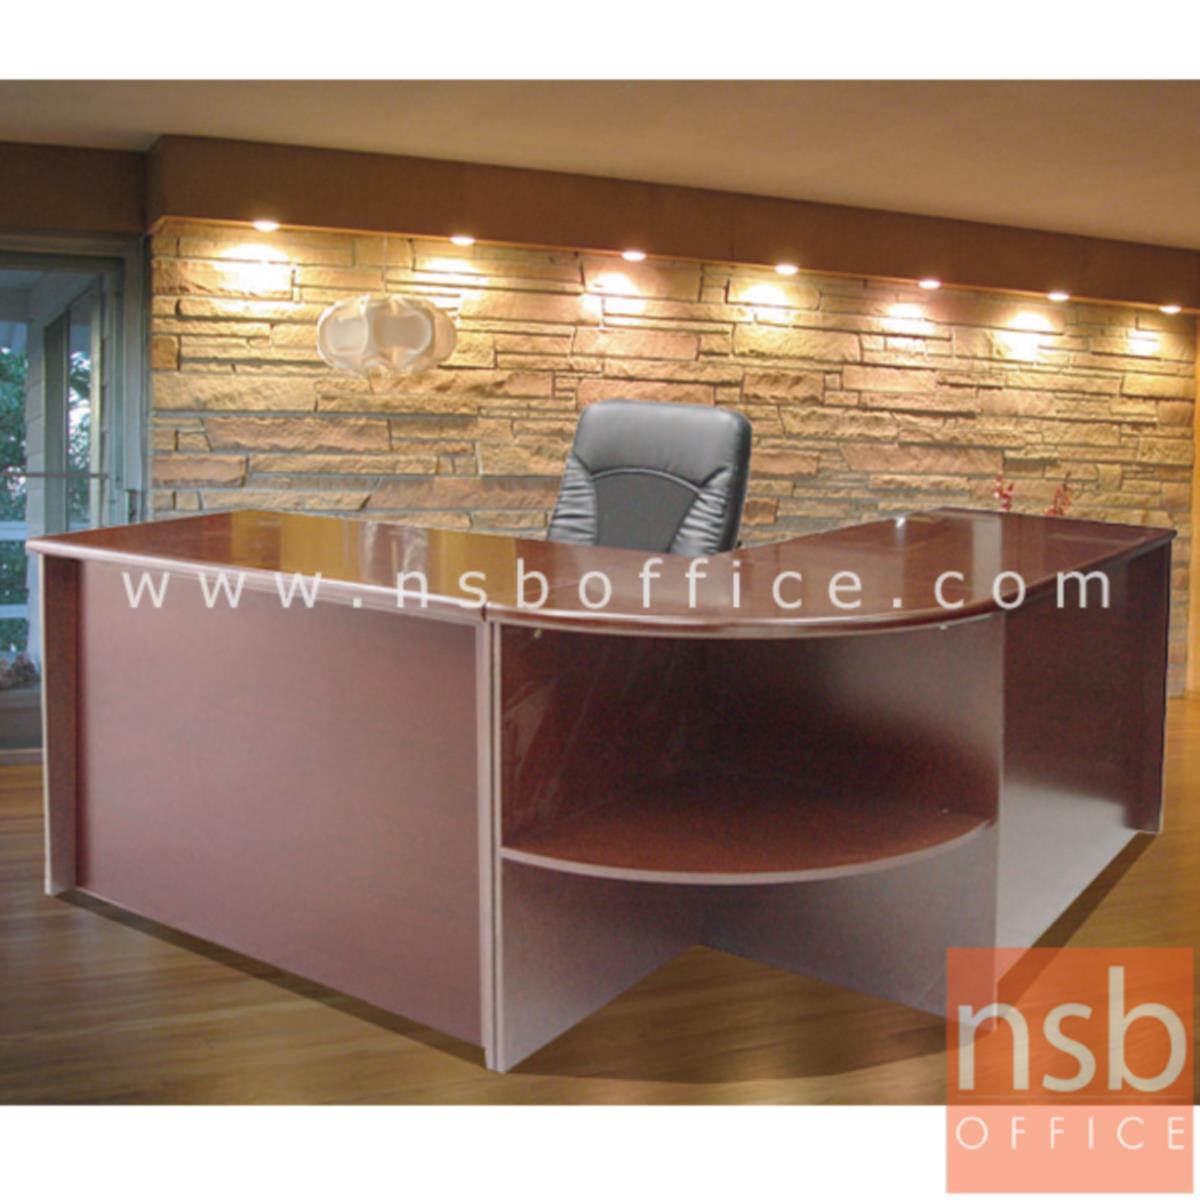 A06A036:โต๊ะผู้บริหารตัวแอล  รุ่น Merry (เมอรี่) ขนาด 180W1*180W2 cm. พร้อมโต๊ะเข้ามุมและโต๊ะคอมพิวเตอร์